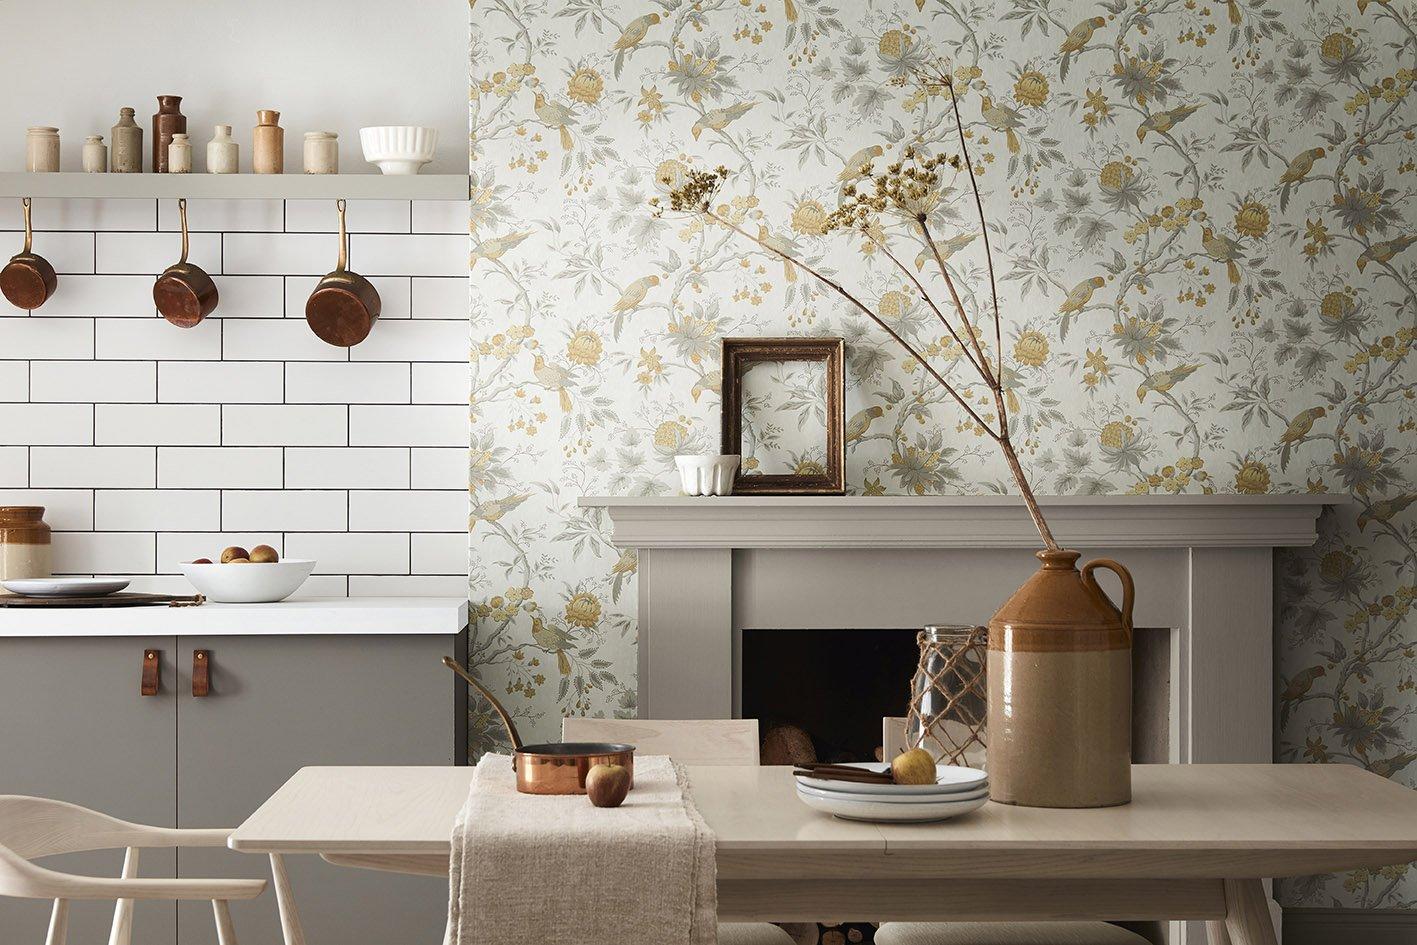 papier peint fleuri pour la cuisine